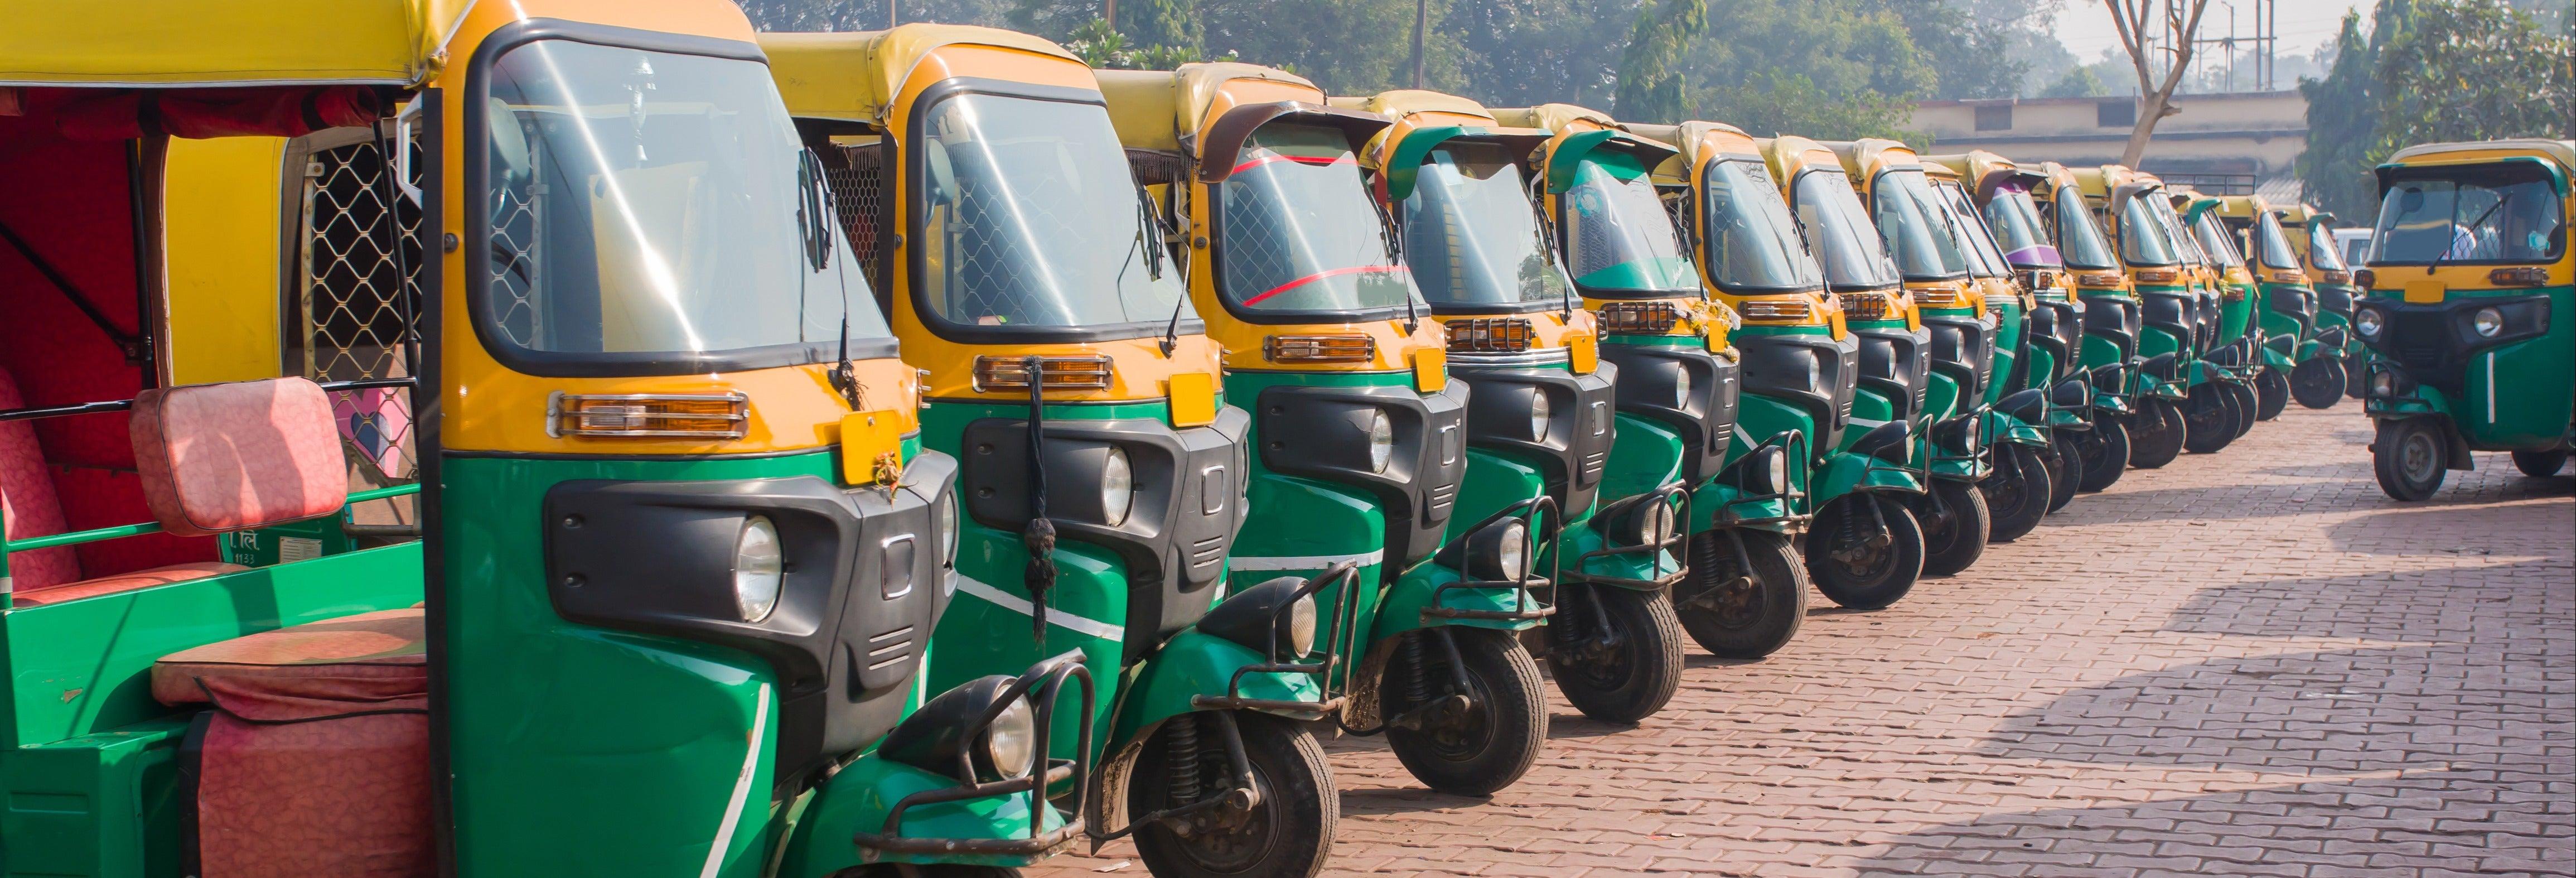 Tuk Tuk Tour of Agra